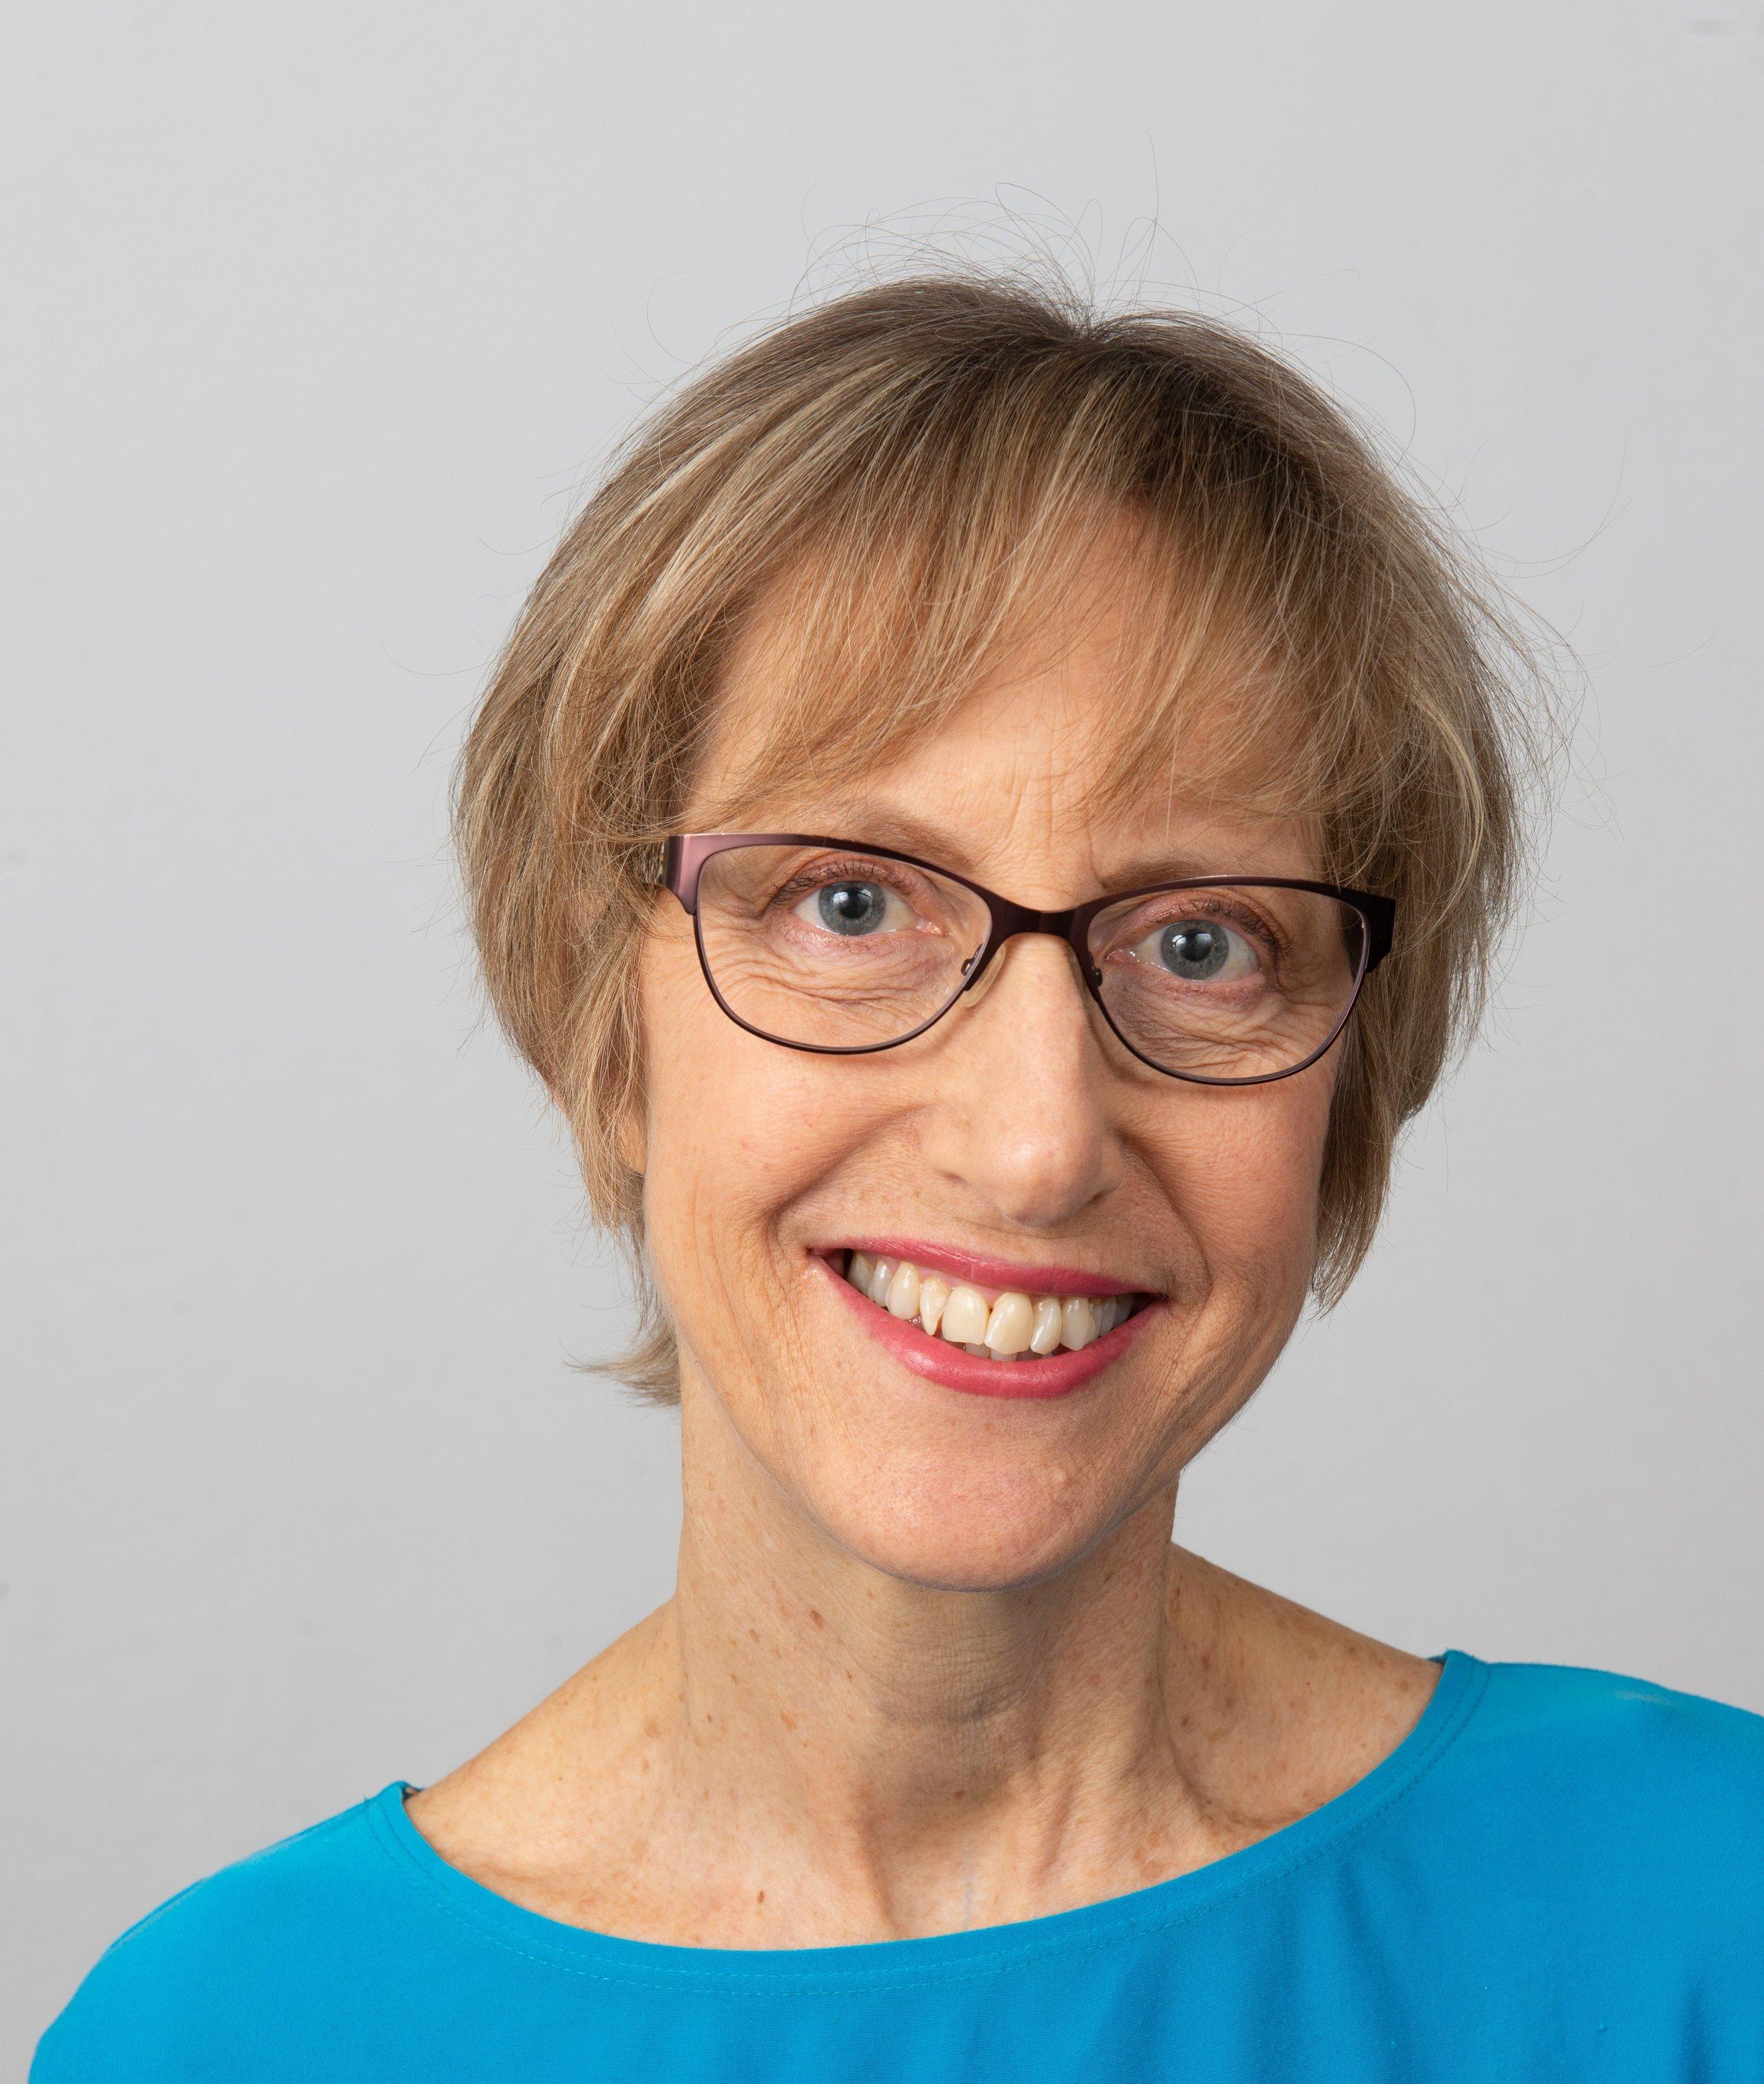 Dorothy Henning portrait photo.jpg